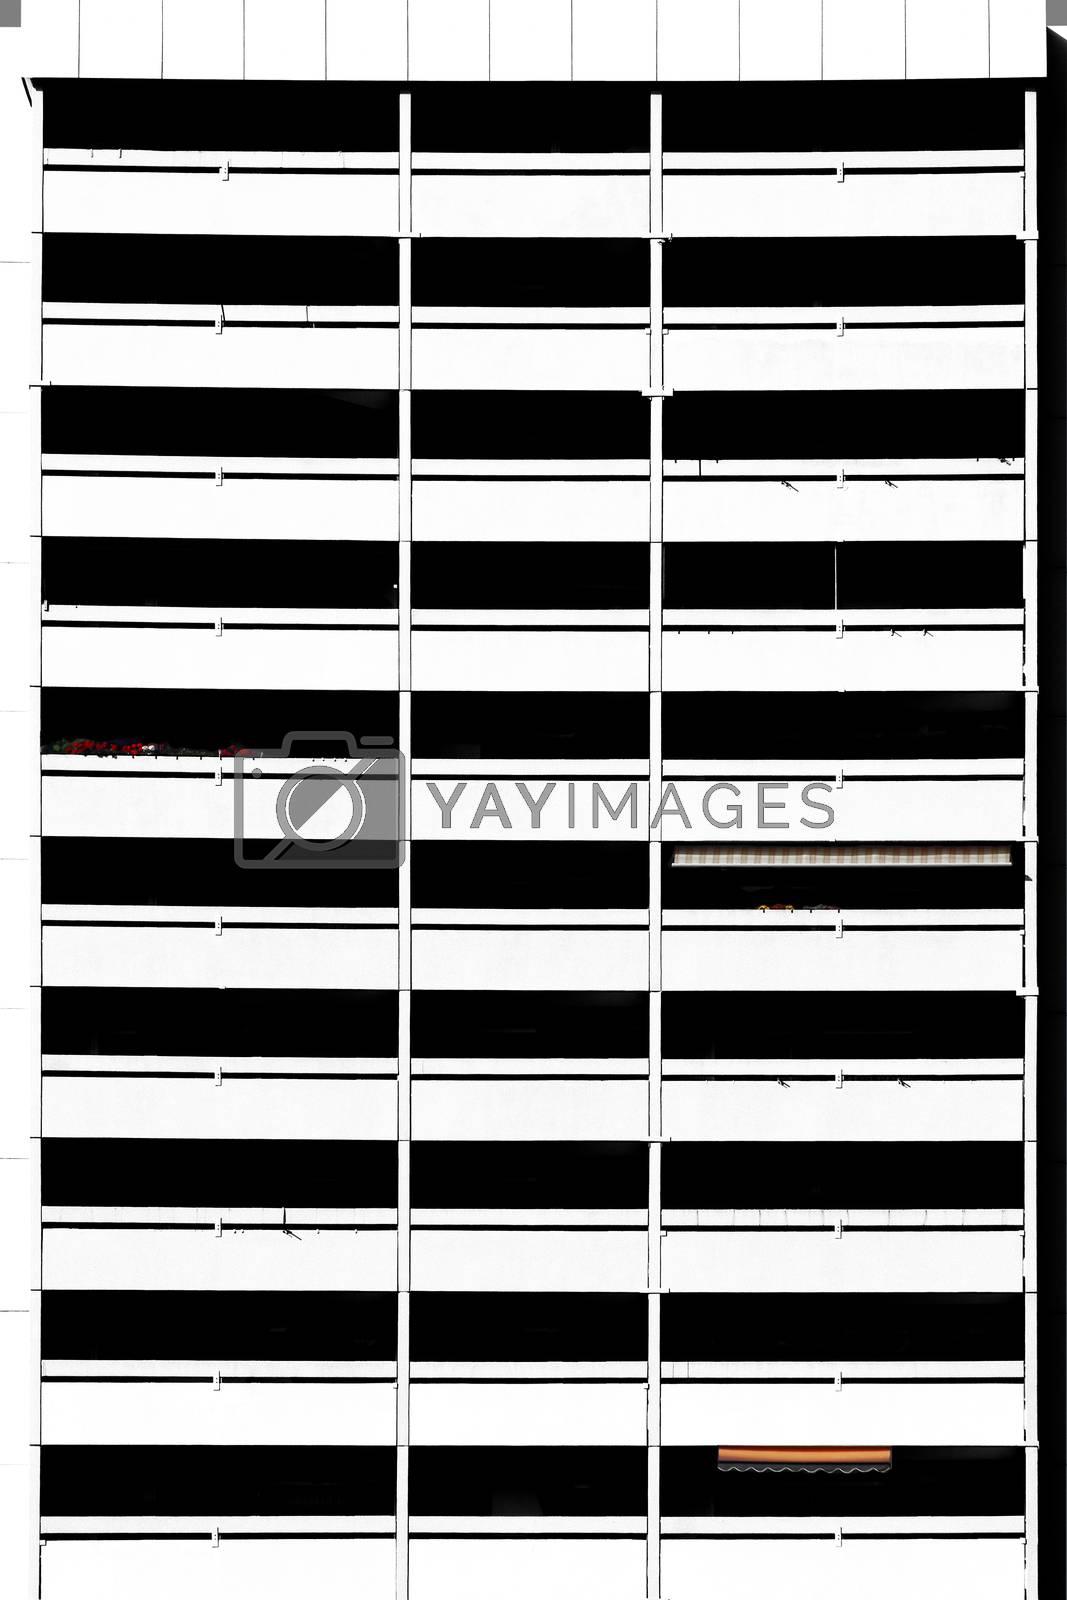 The photograph of a skyscraper facade with symmetrical balconies.